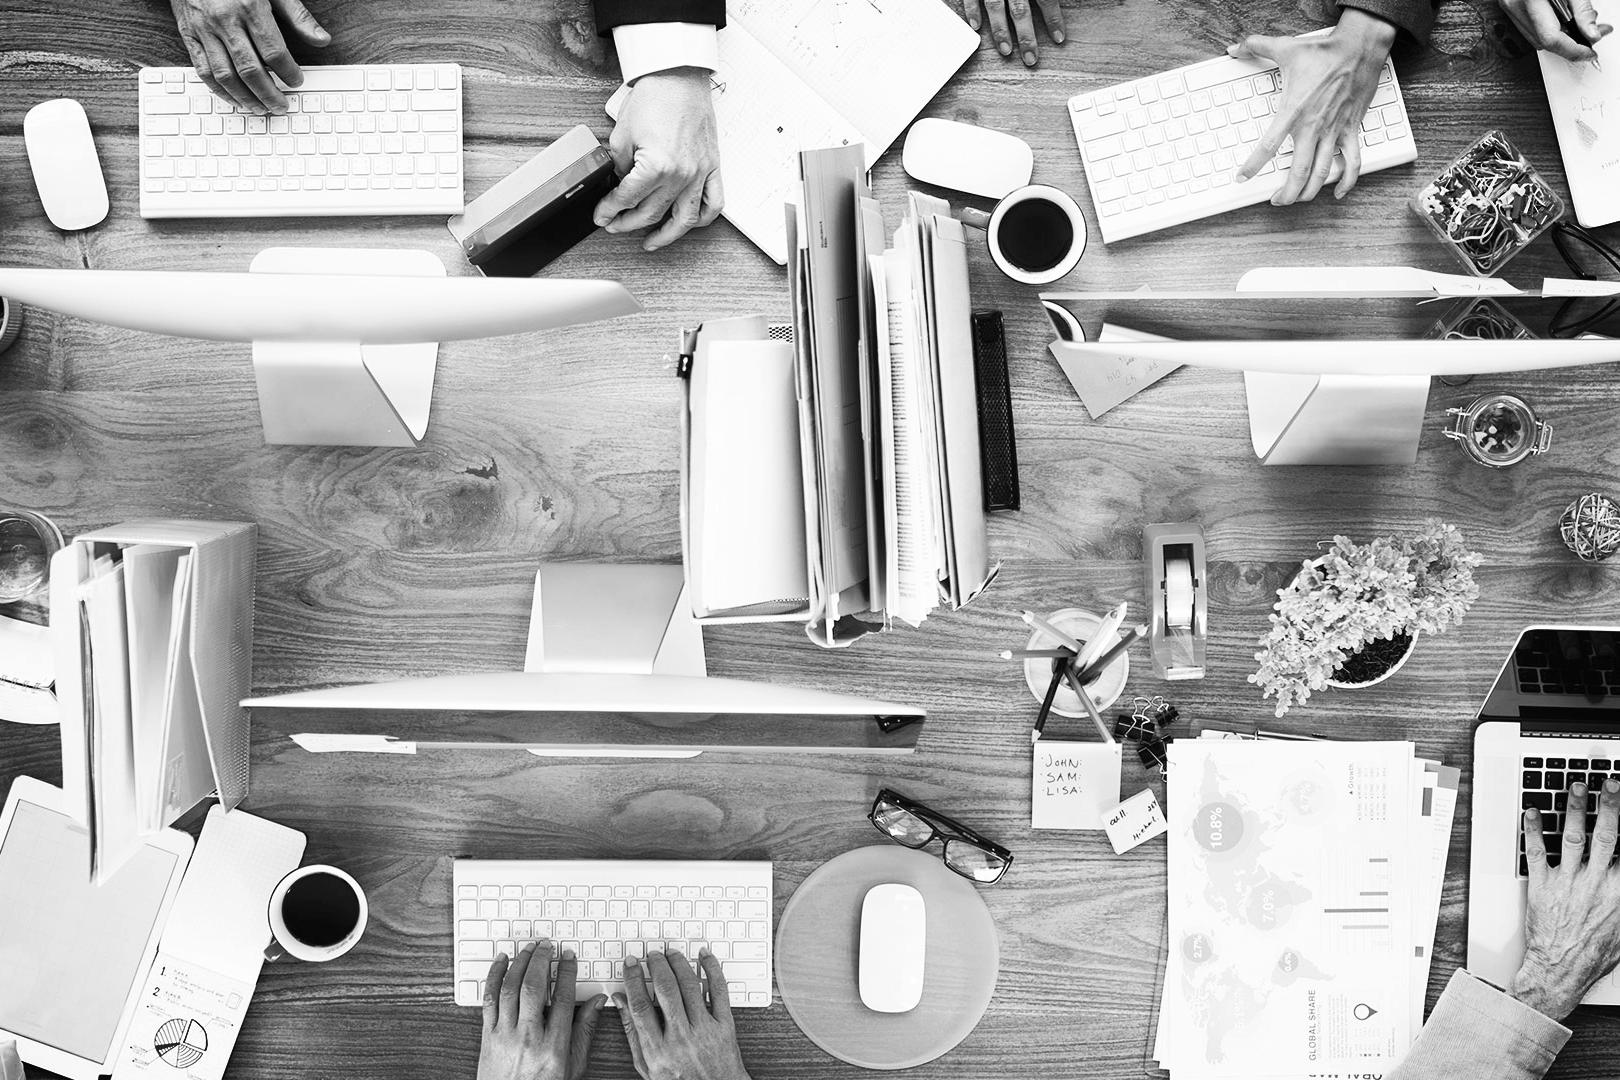 historia - Tras 8 años de estar trabajando para corporativos, empresas sociales, universidades y proyectos de freelance, nuestro apasionado equipo decidió reunirse para crear una agencia que asesore en el crecimiento y triple impacto de las empresas en México